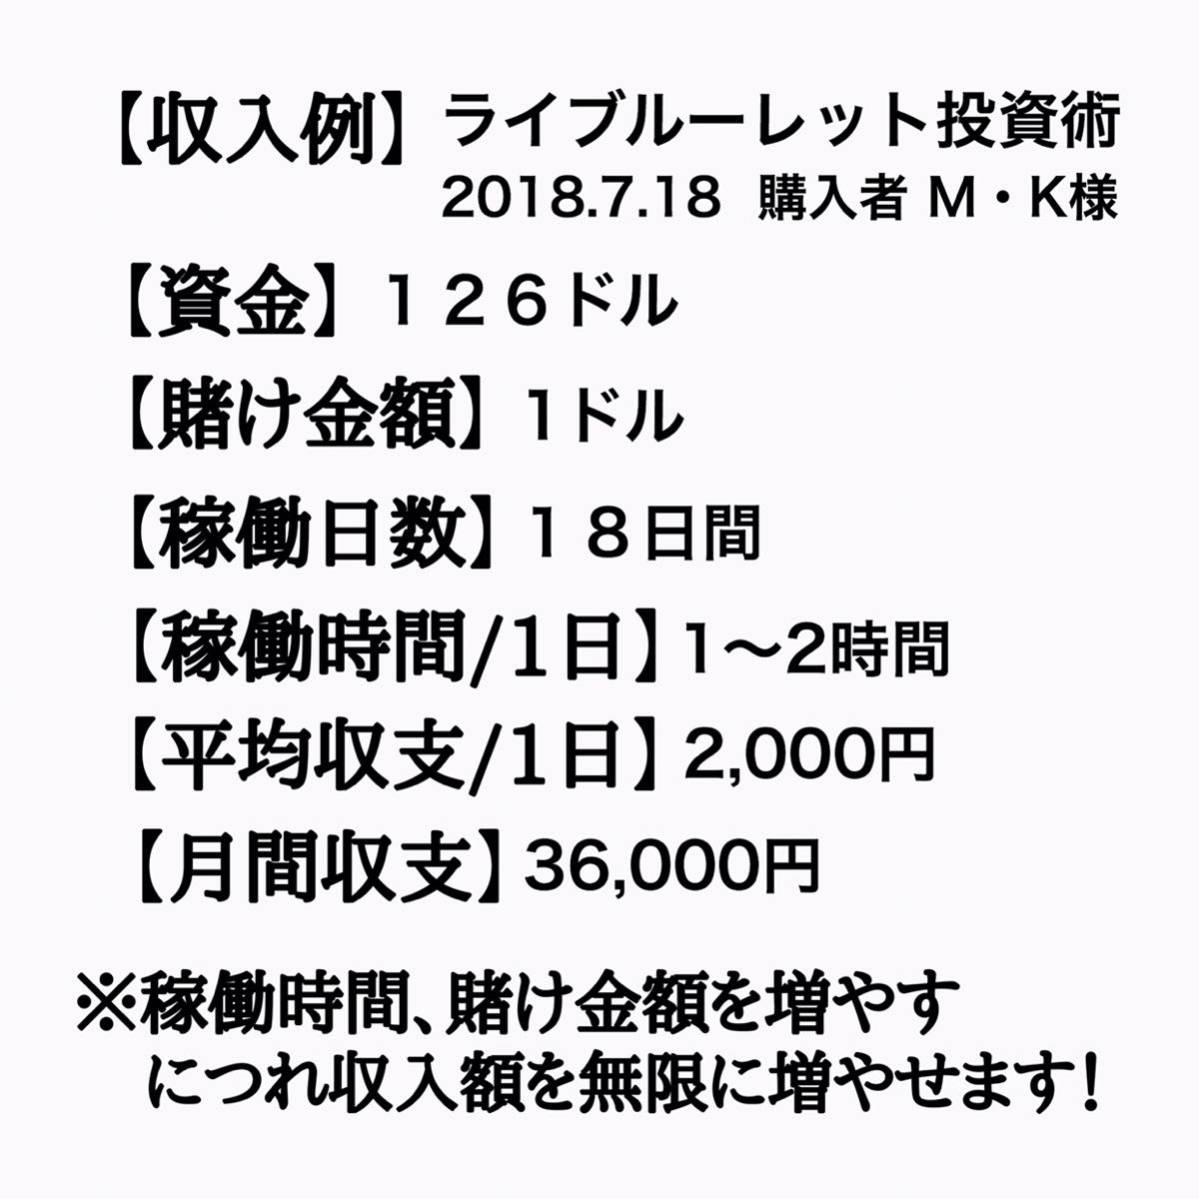 《先着3名様限定》通常価格¥90,000円⇒先着限定価格¥6,980円 完全オリジナル極秘投資術セット 攻略法 仮想通貨 FX 投資 カジノ 副業_画像3